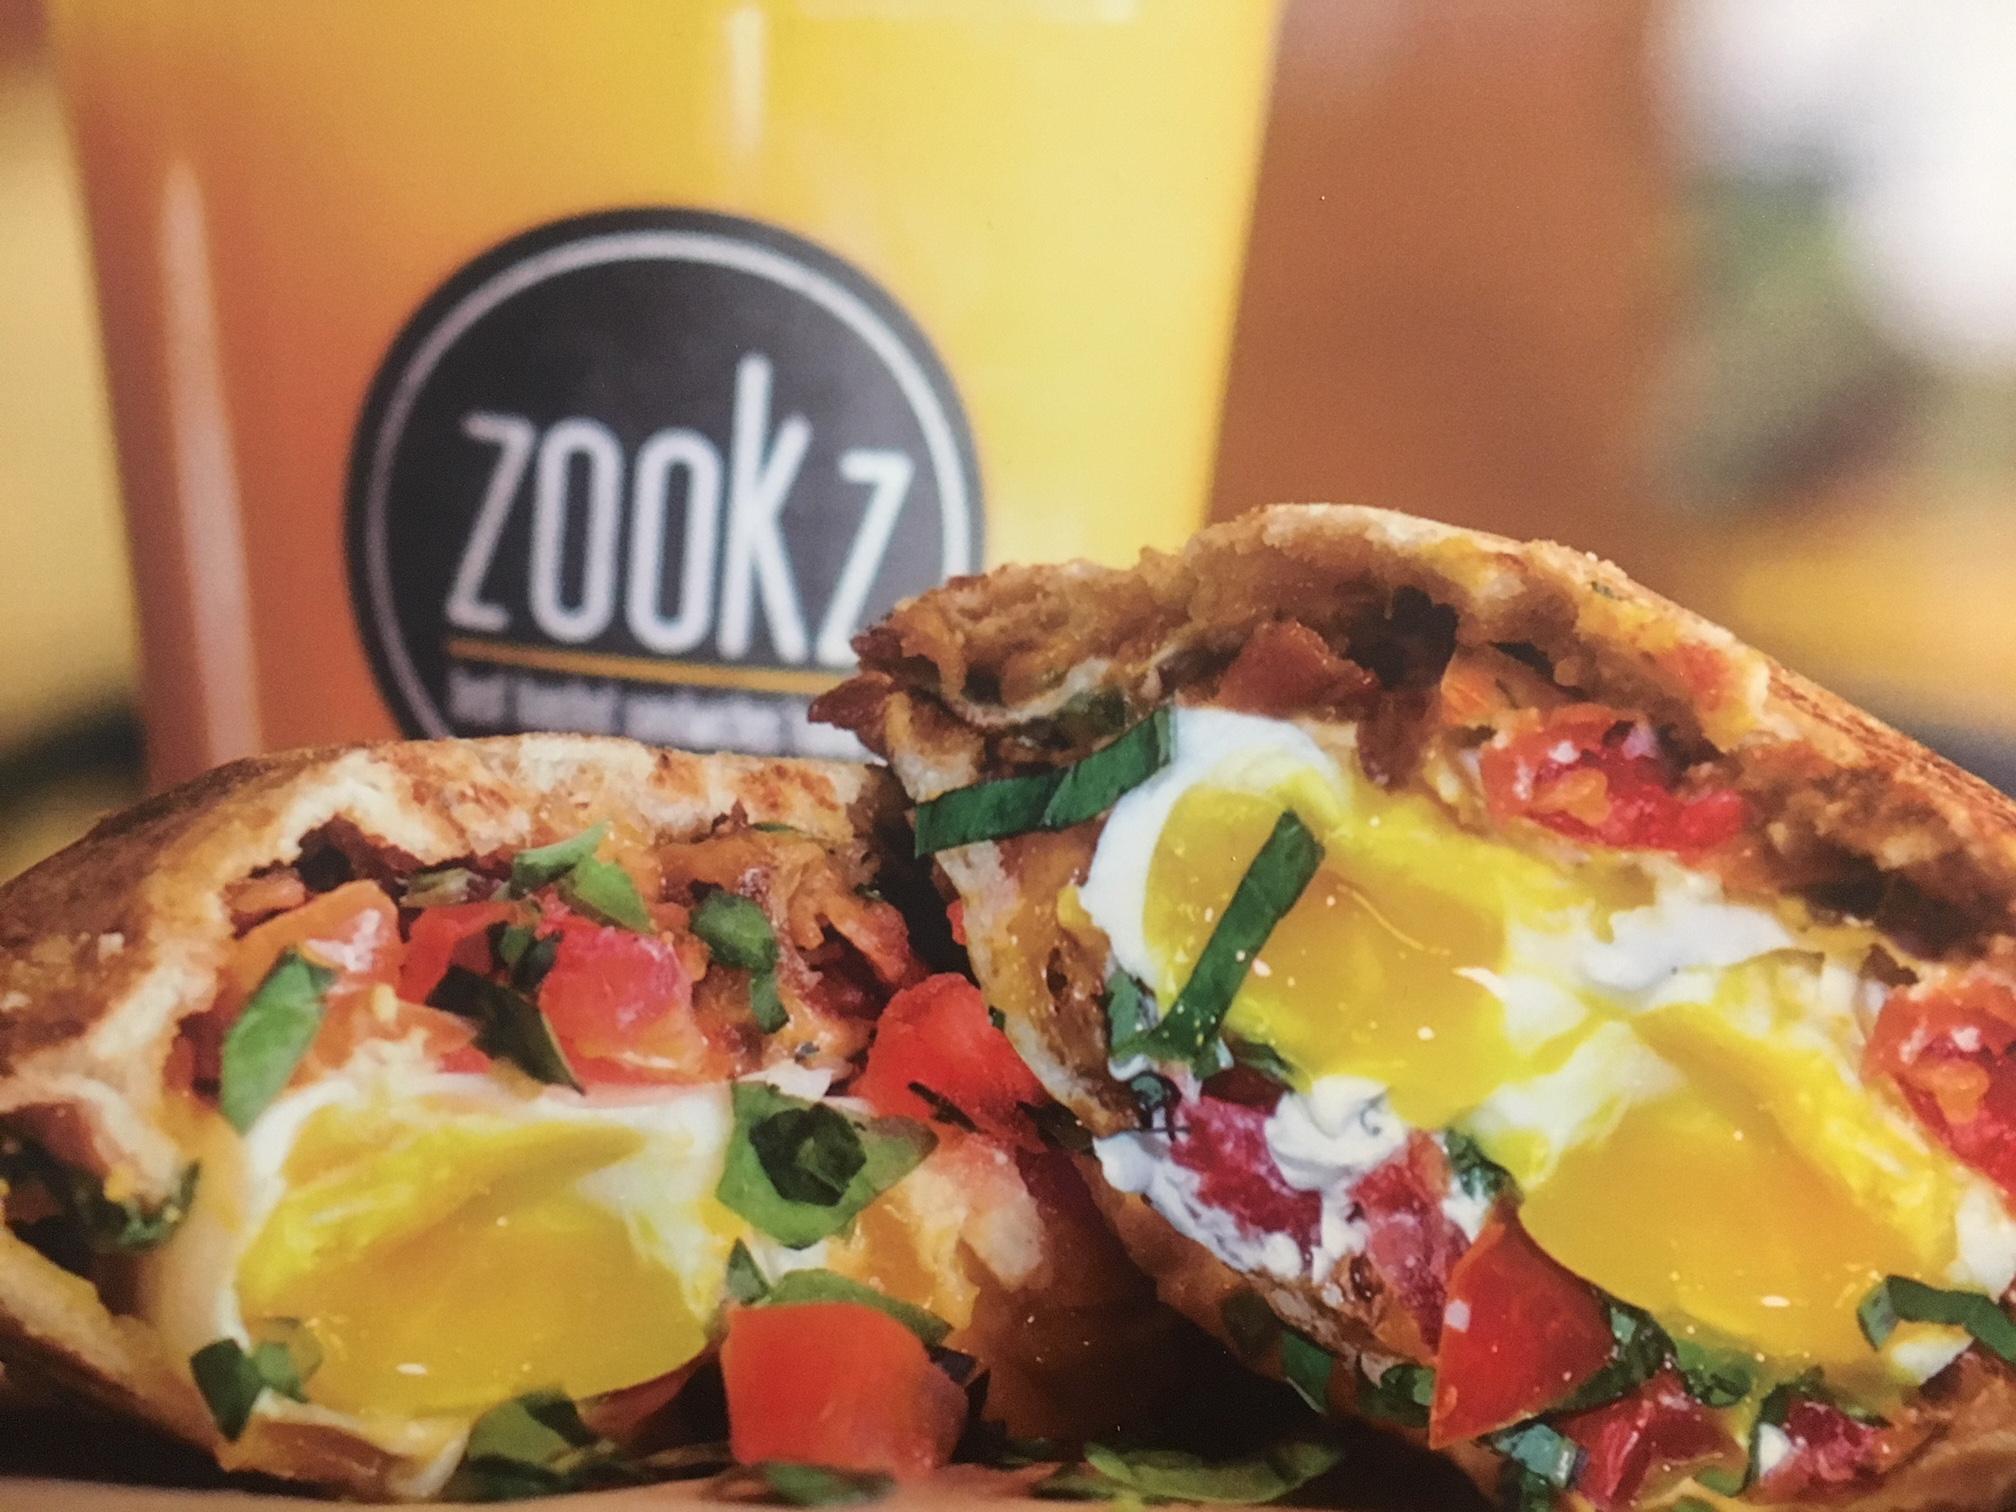 USA Today May 17, 2019  Zookz: The Best Breakfast Sandwich in Arizona